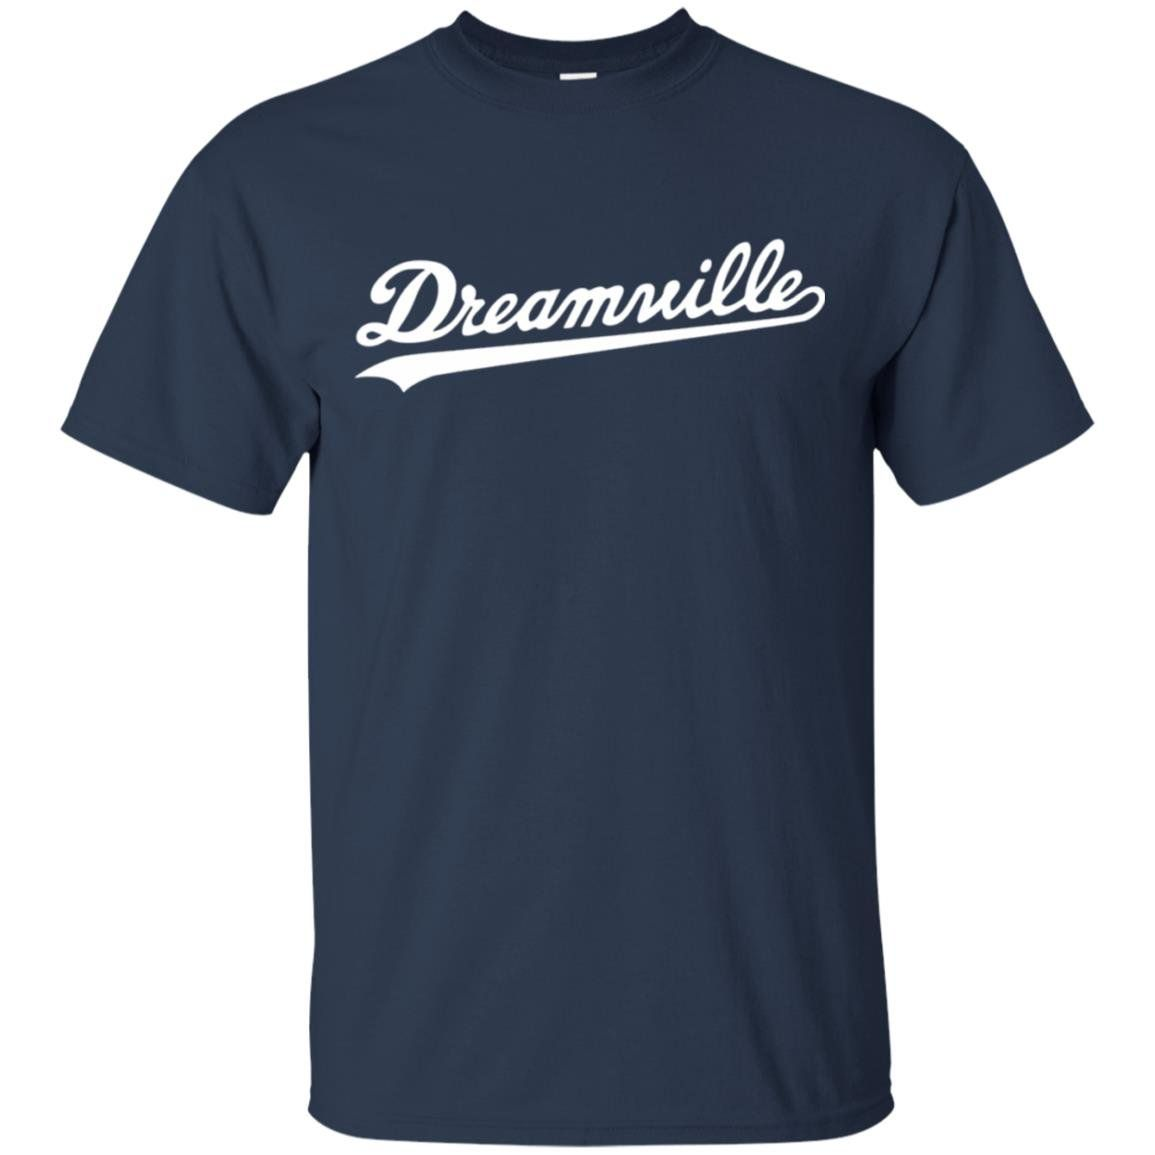 Dreamville G200 Gildan Ultra Navy S Shirts